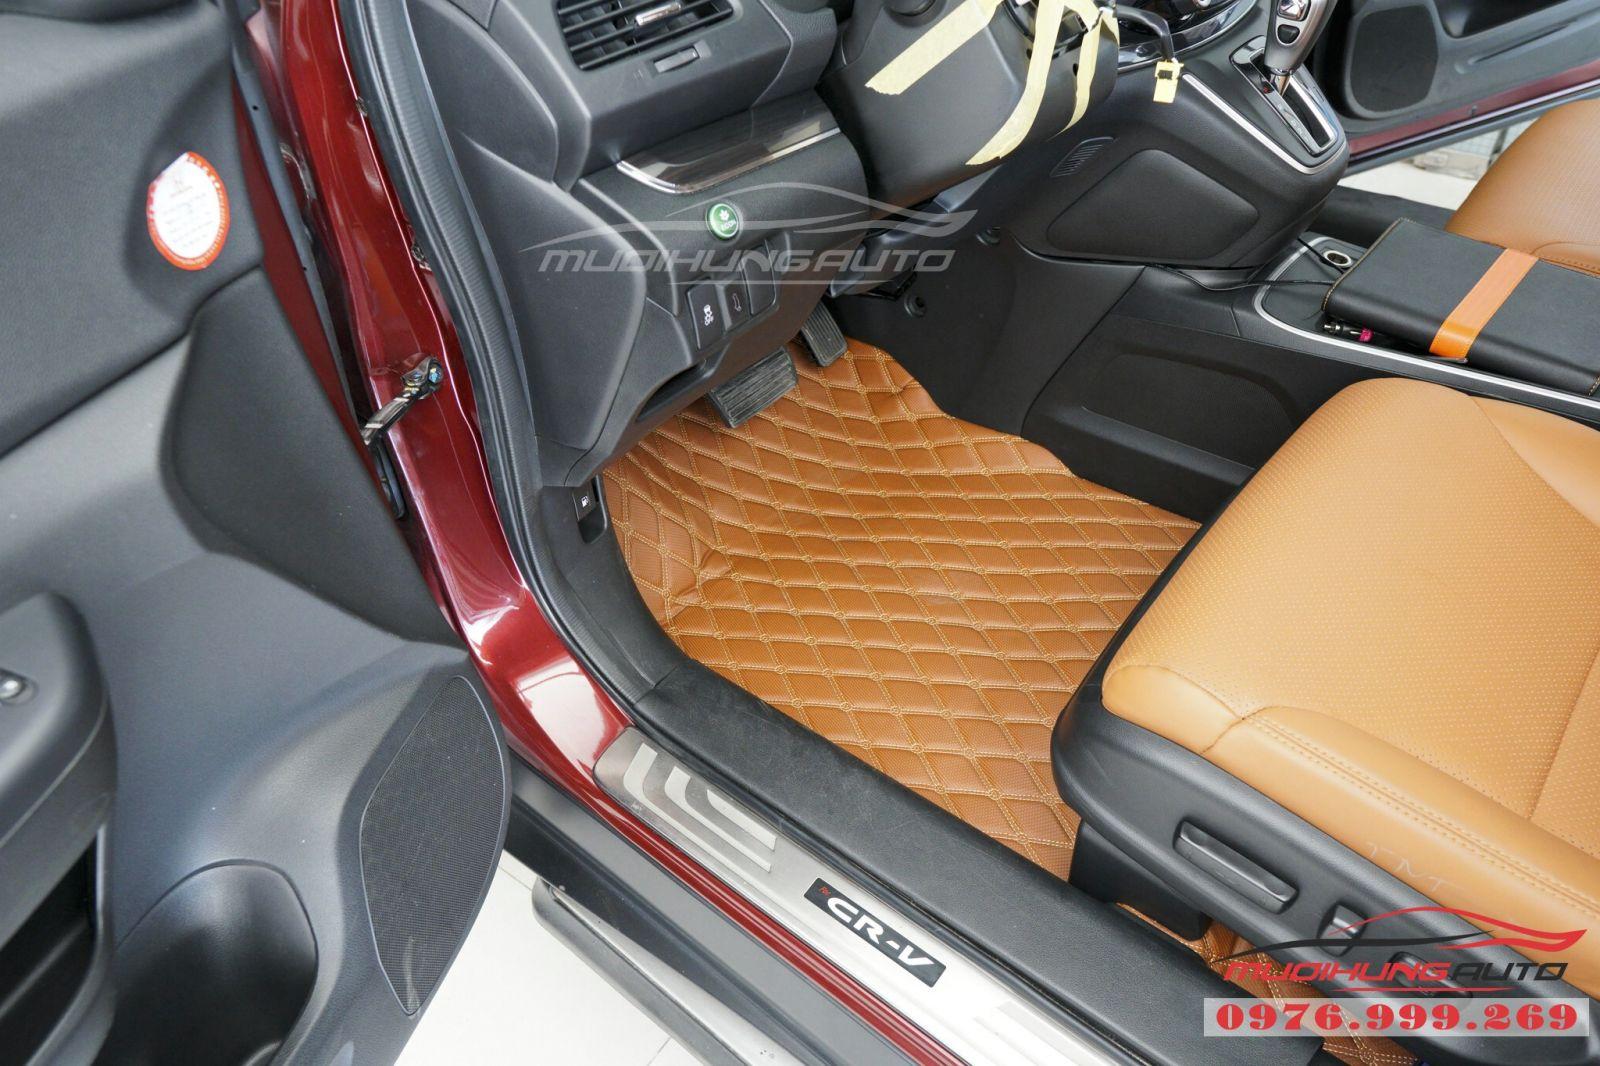 Lót sàn da 5D cao cấp cho Honda CRV giá tốt 02